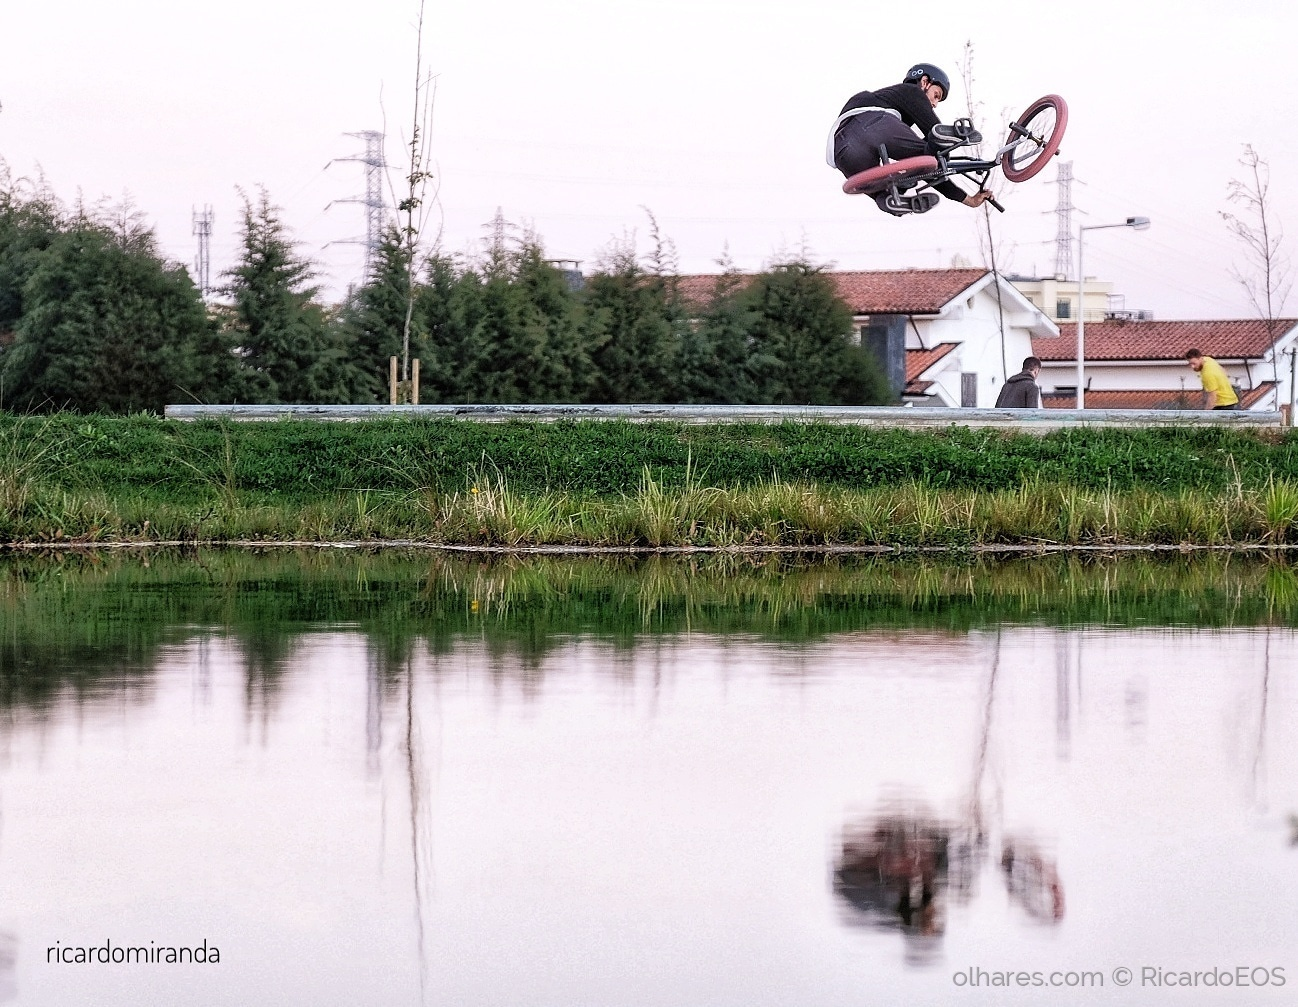 Desporto e Ação/The jump